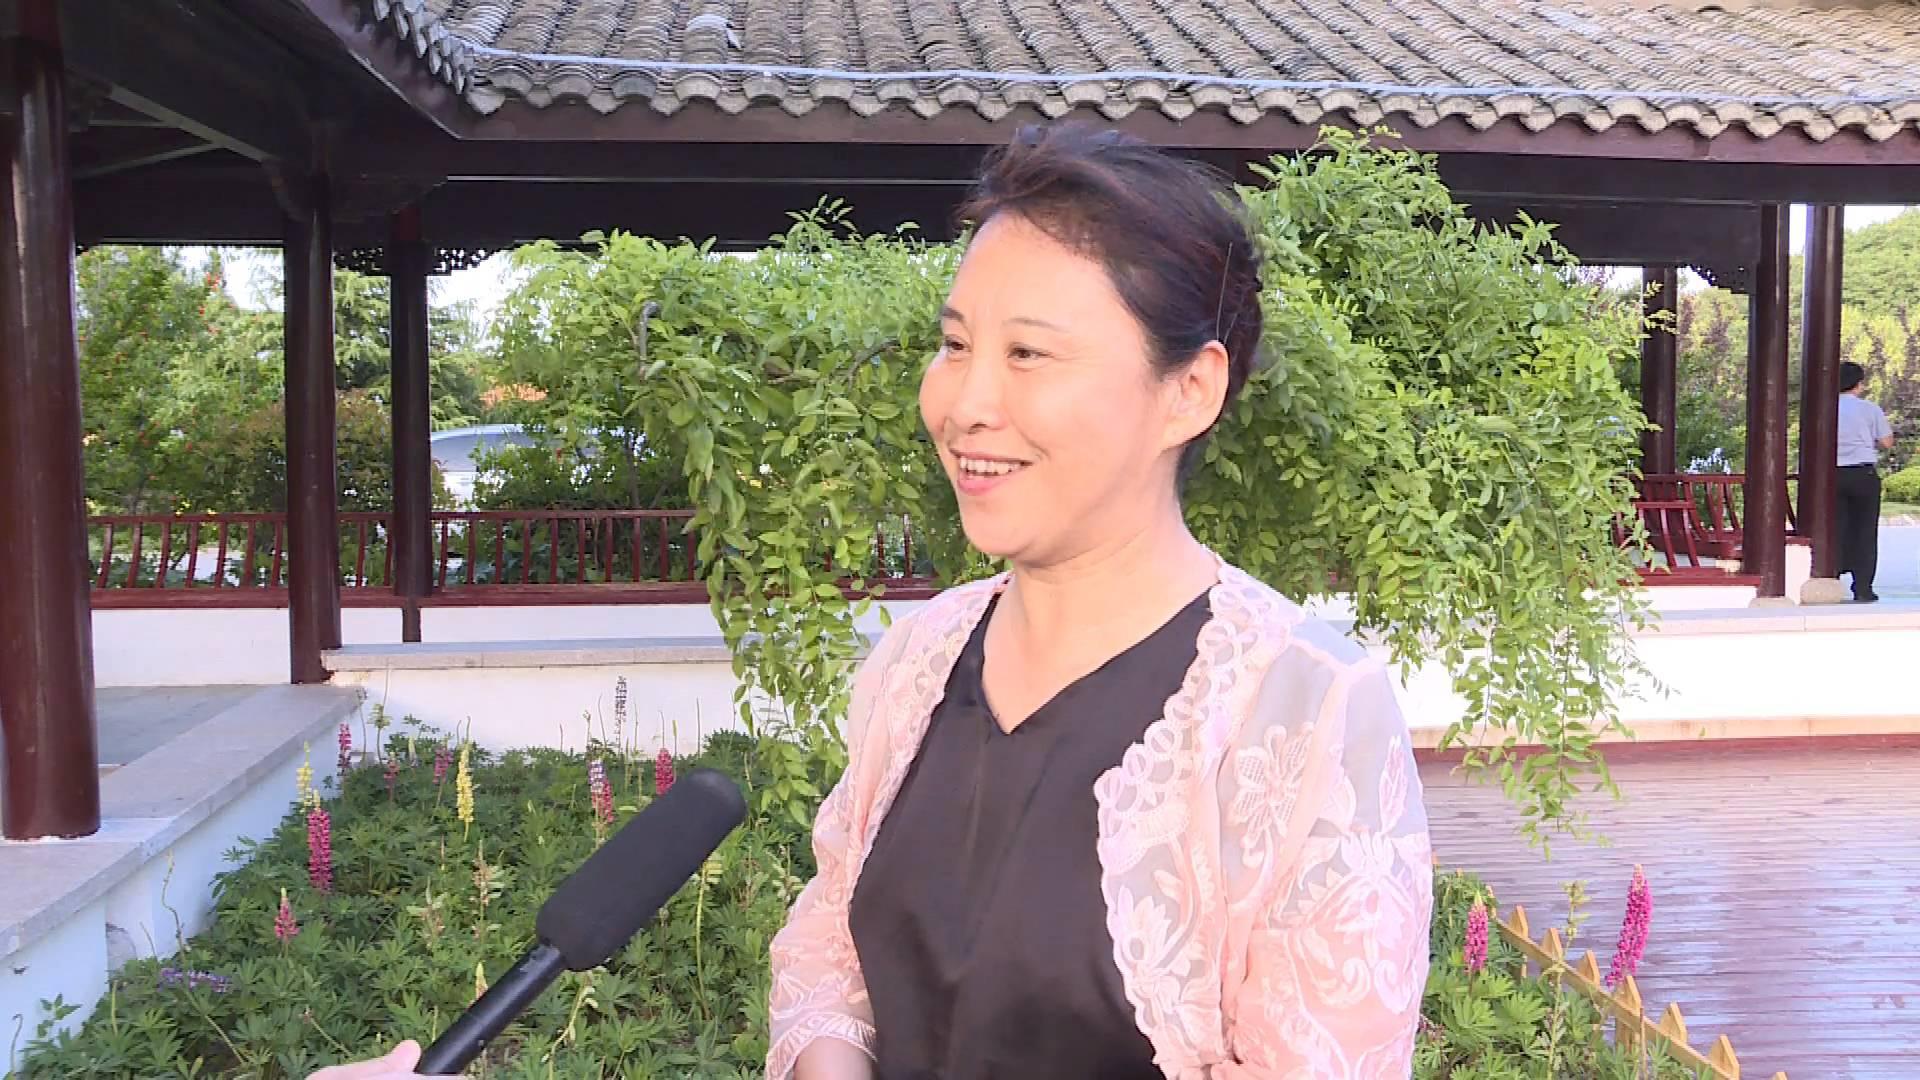 总书记来到我们身边|华夏城游客张鸿雁:我握着总书记的手